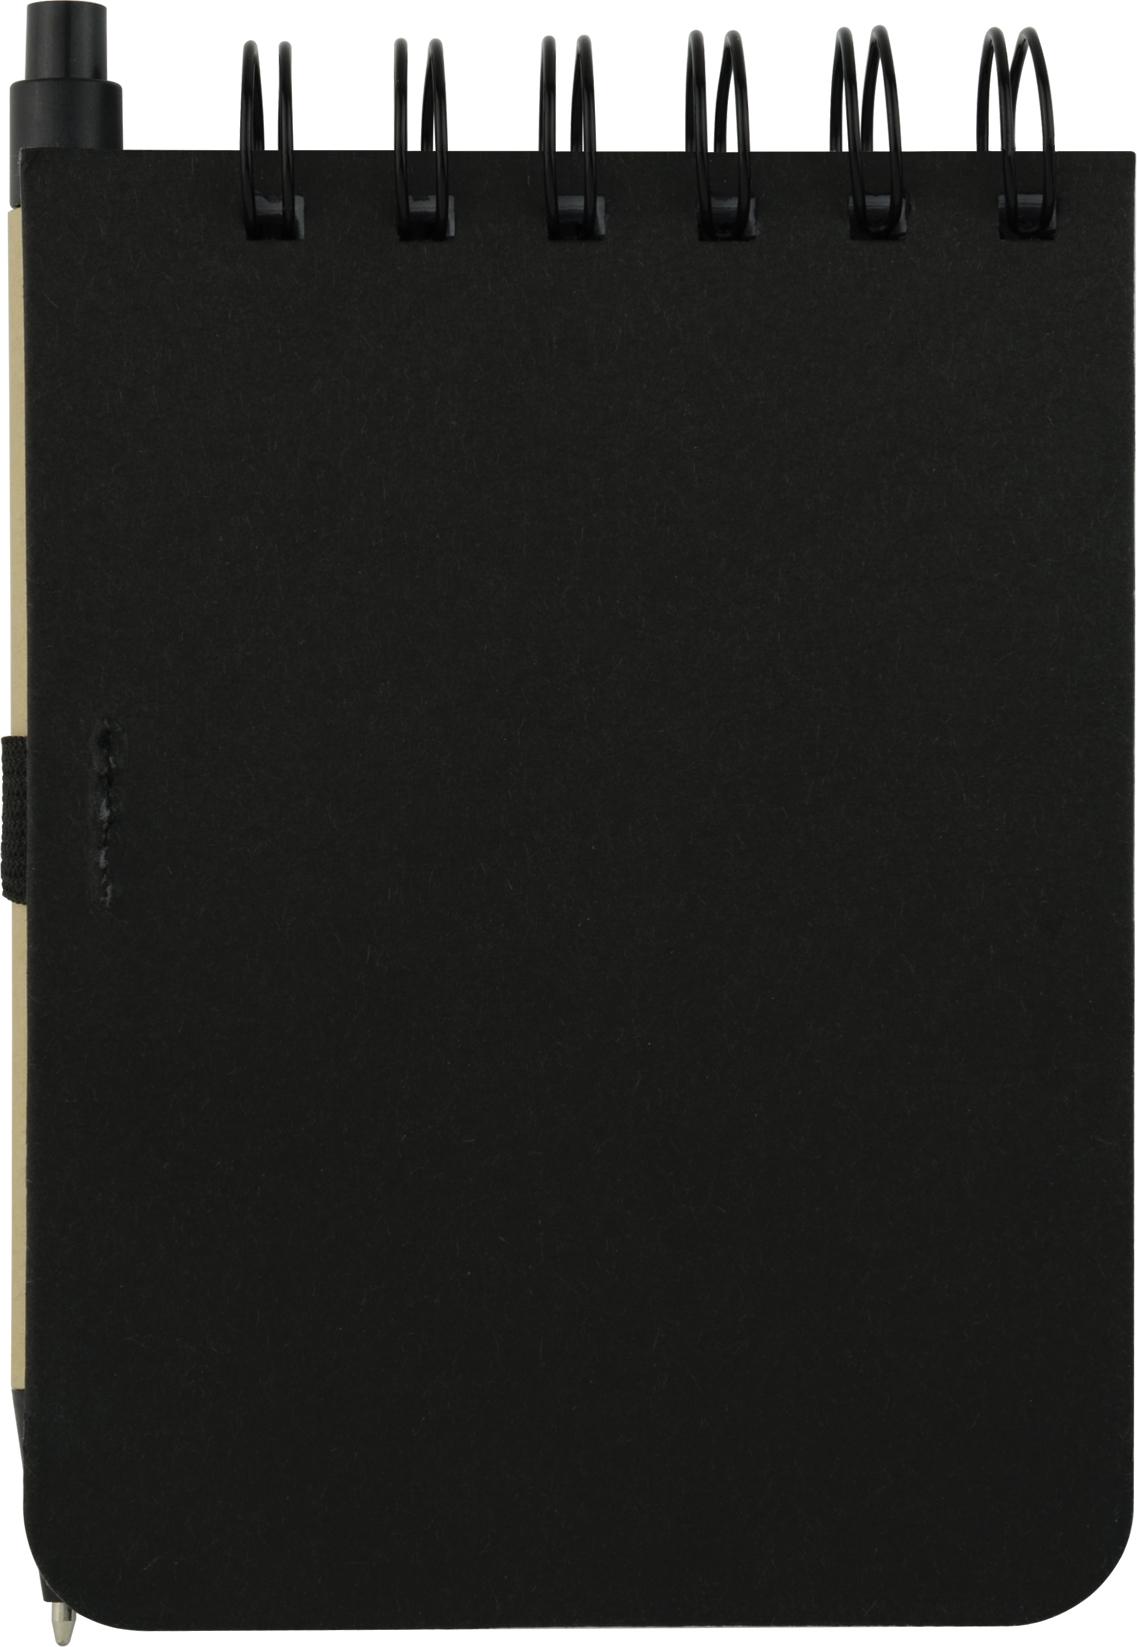 Bloc-notes et stylo  - 70-1049-30